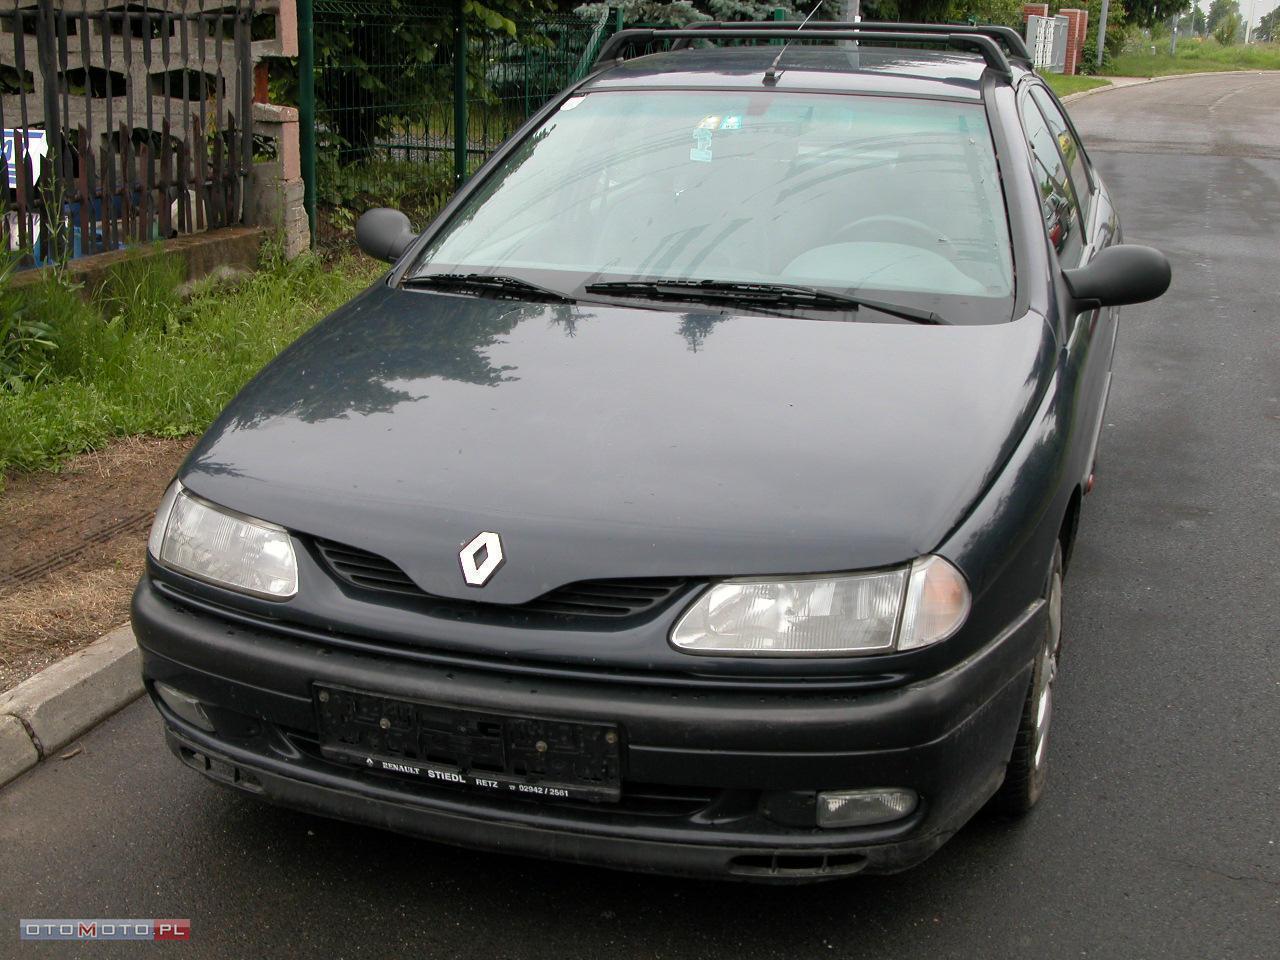 Renault Laguna KLIMA -2.2 D-CZĘŚCI LUB CAŁOŚĆ